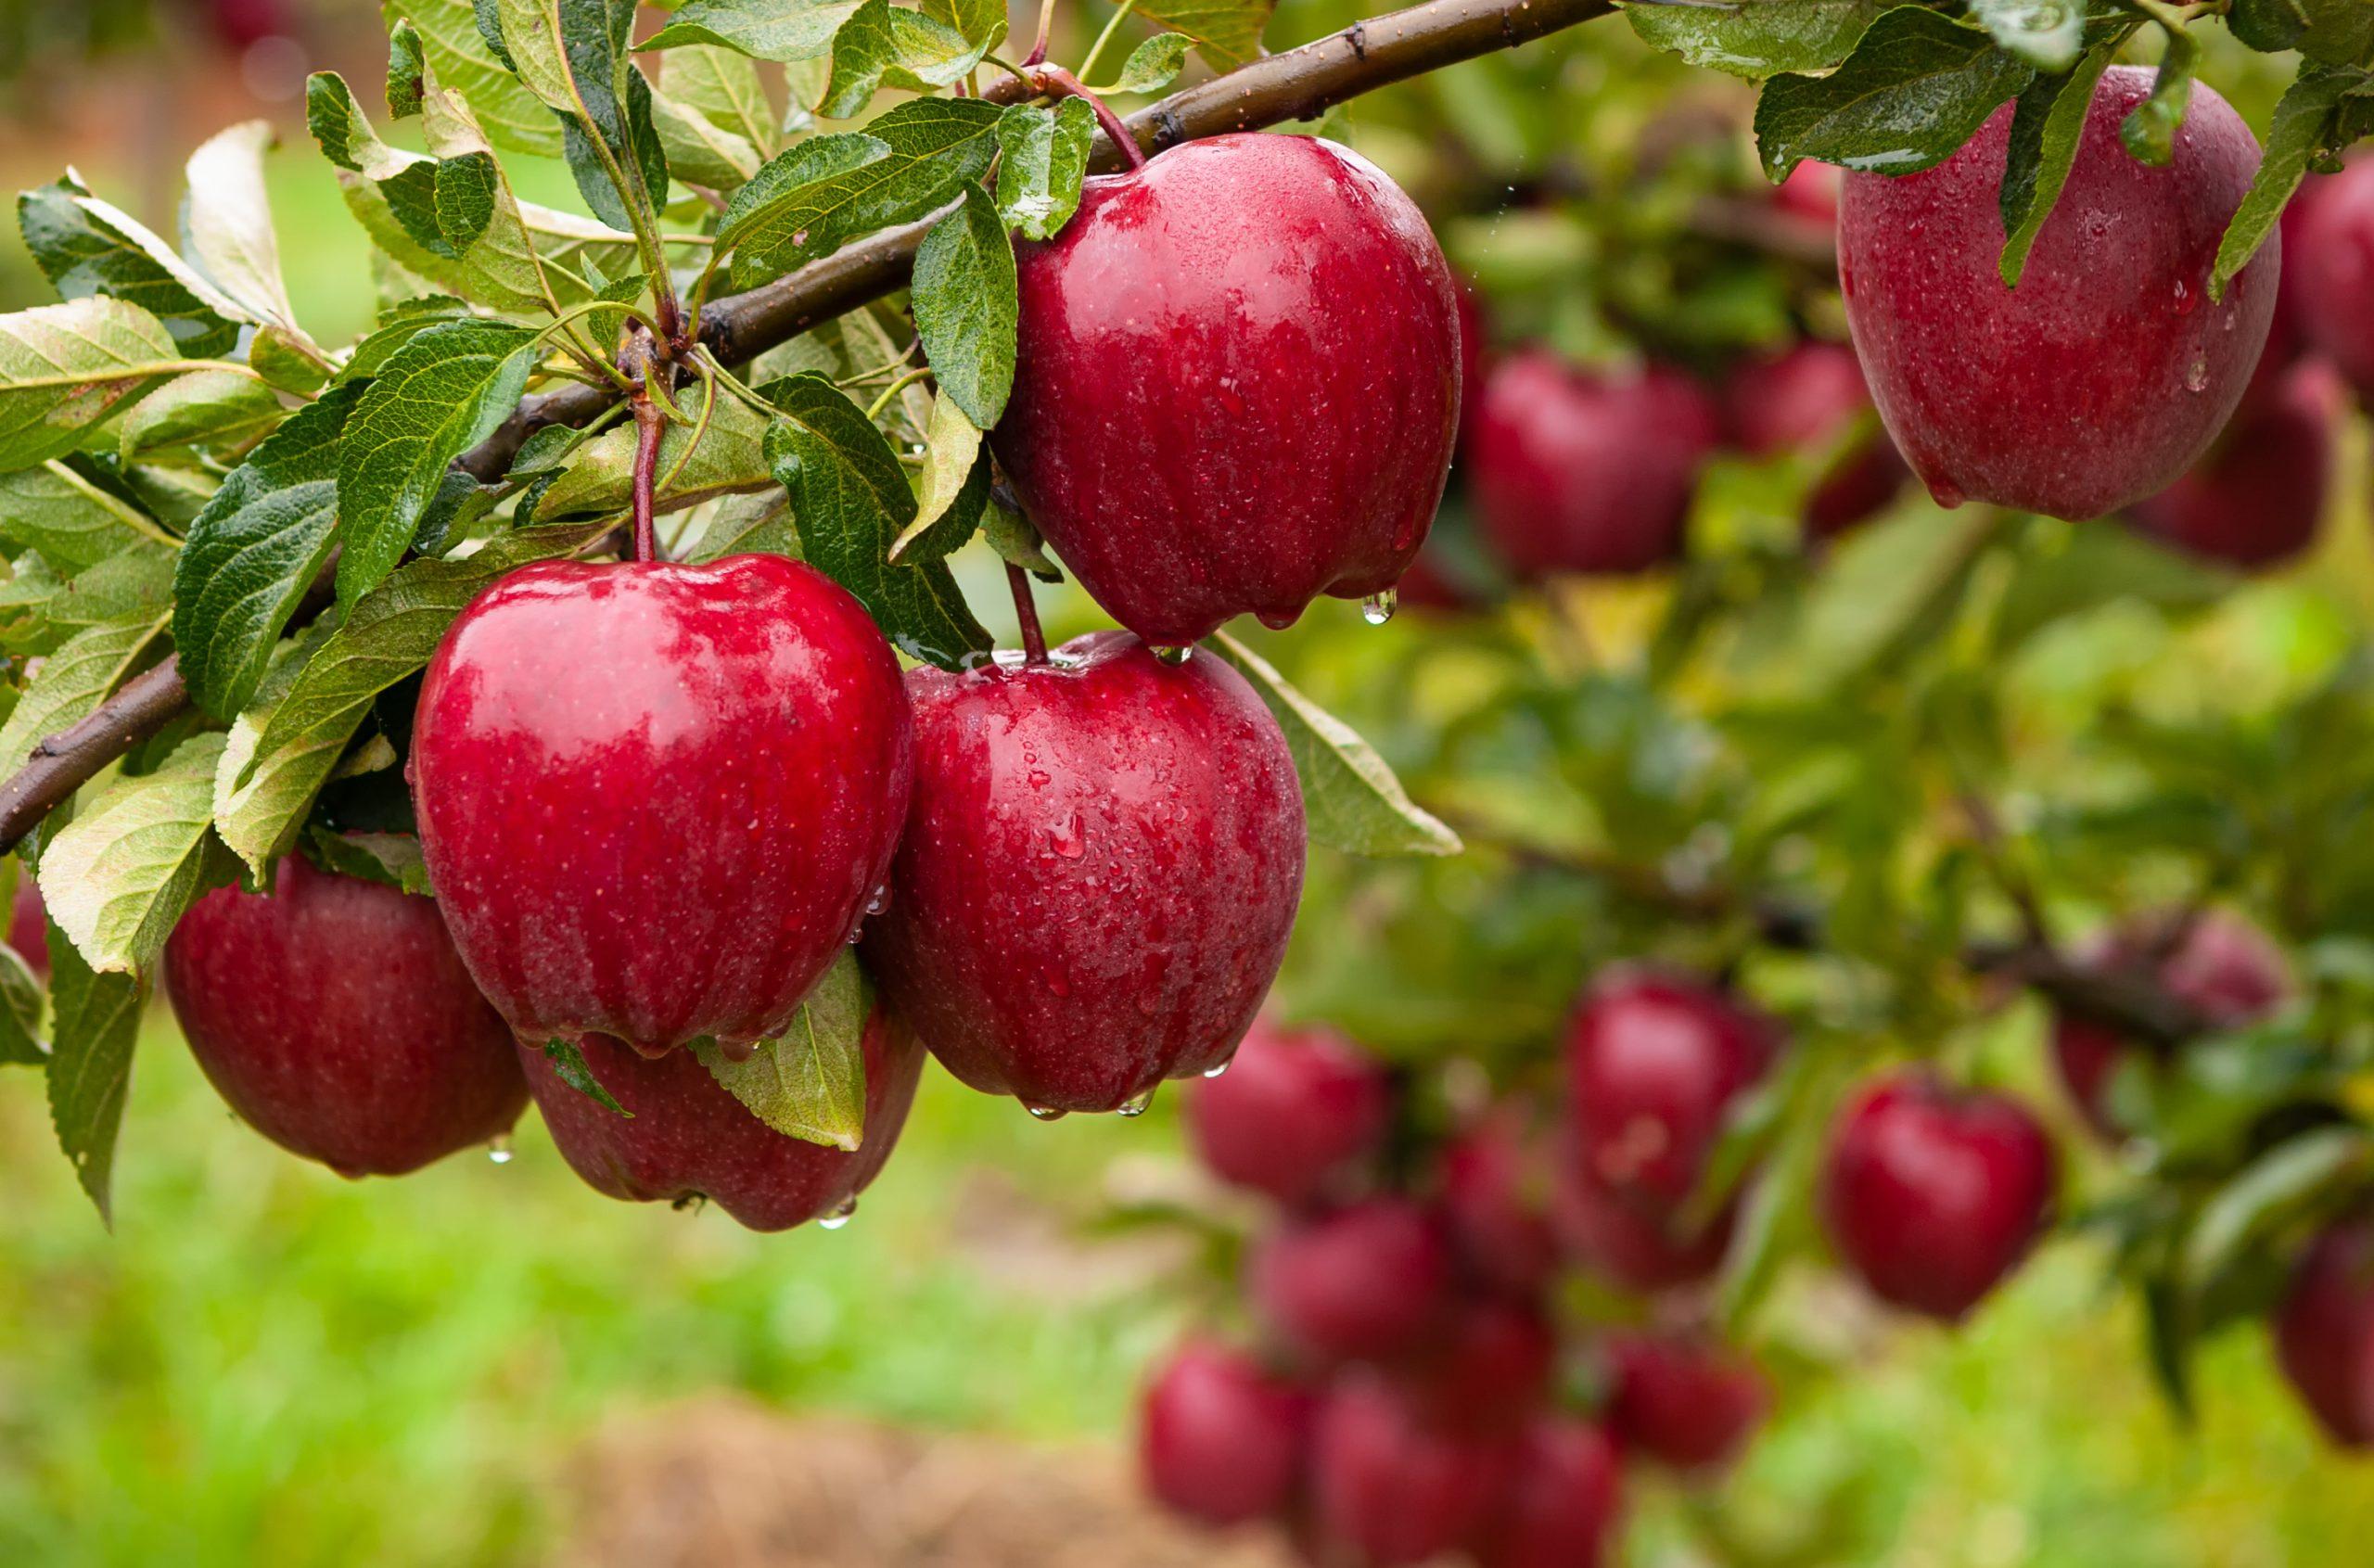 ¿Necesitan los frutales de hoja caduca la aplicación de fertilizantes después de la recolección?